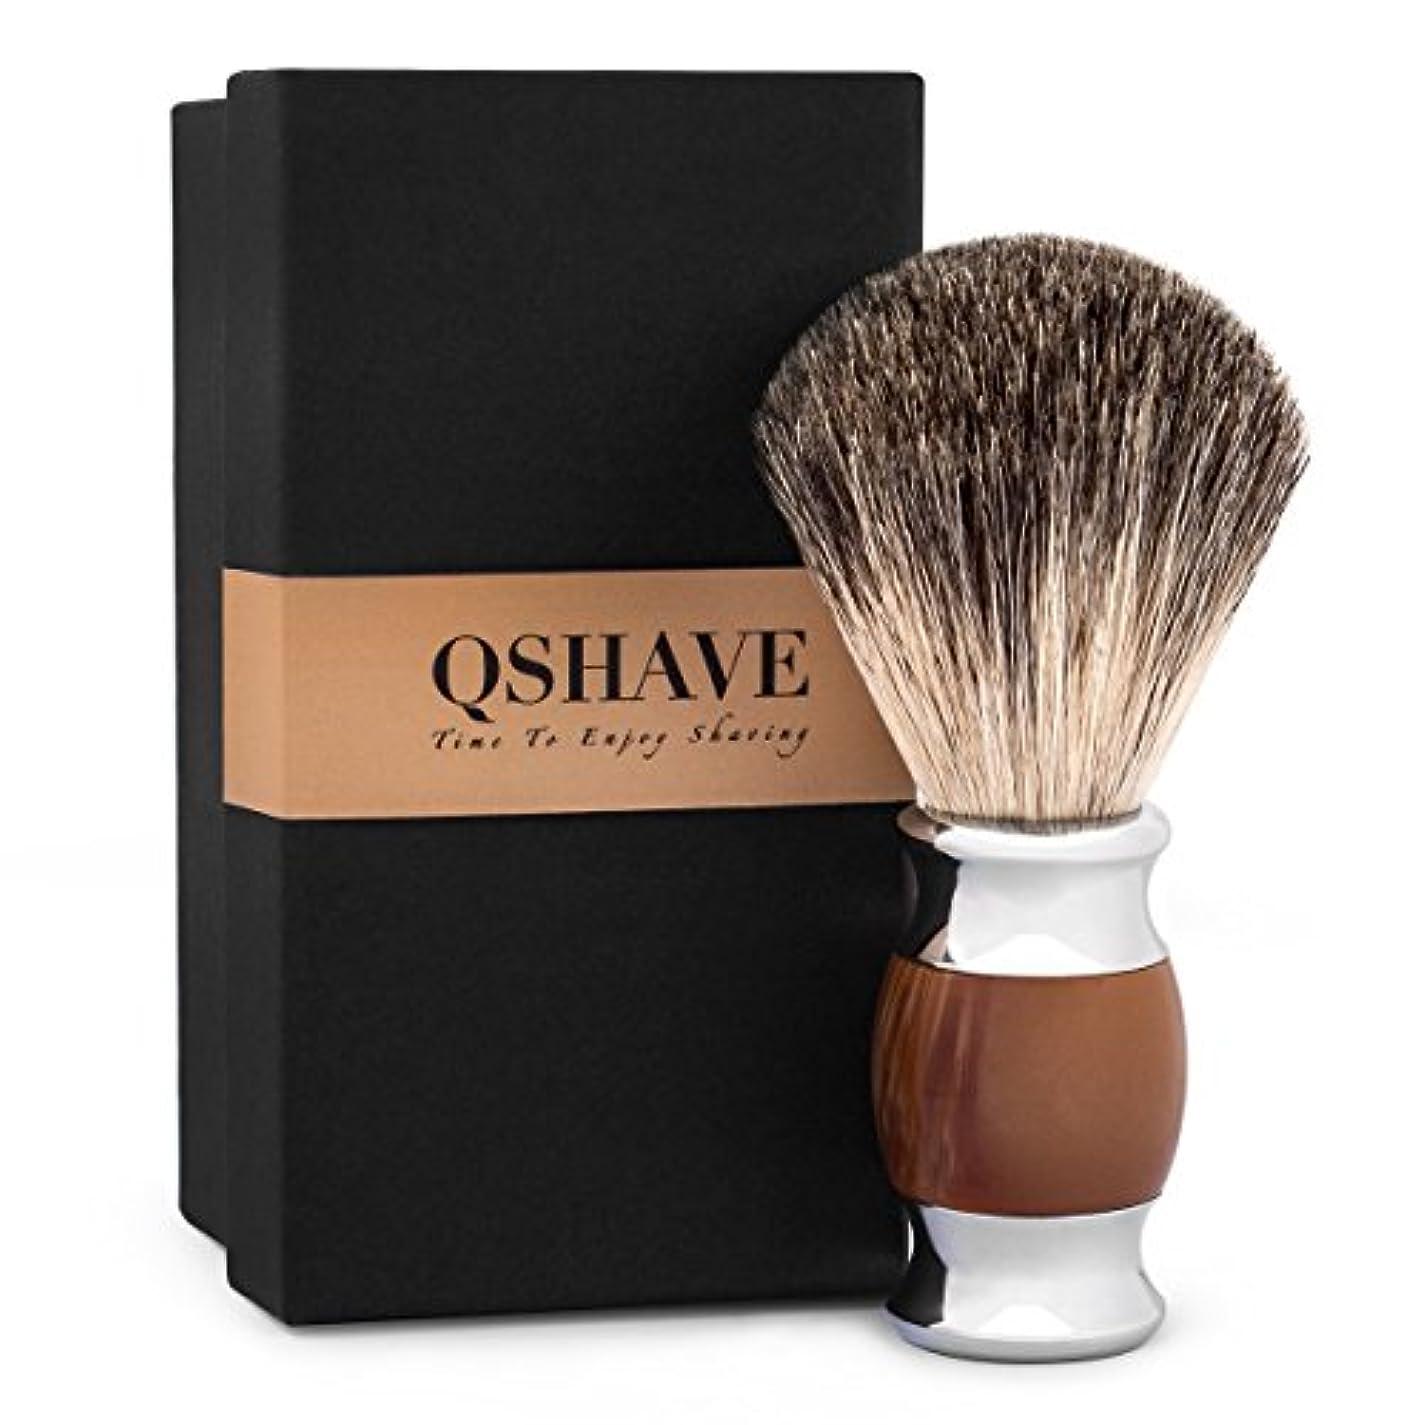 から聞く世紀傑出したQSHAVE 100%最高級アナグマ毛オリジナルハンドメイドシェービングブラシ。人工メノウ ハンドル。ウェットシェービング、安全カミソリ、両刃カミソリに最適